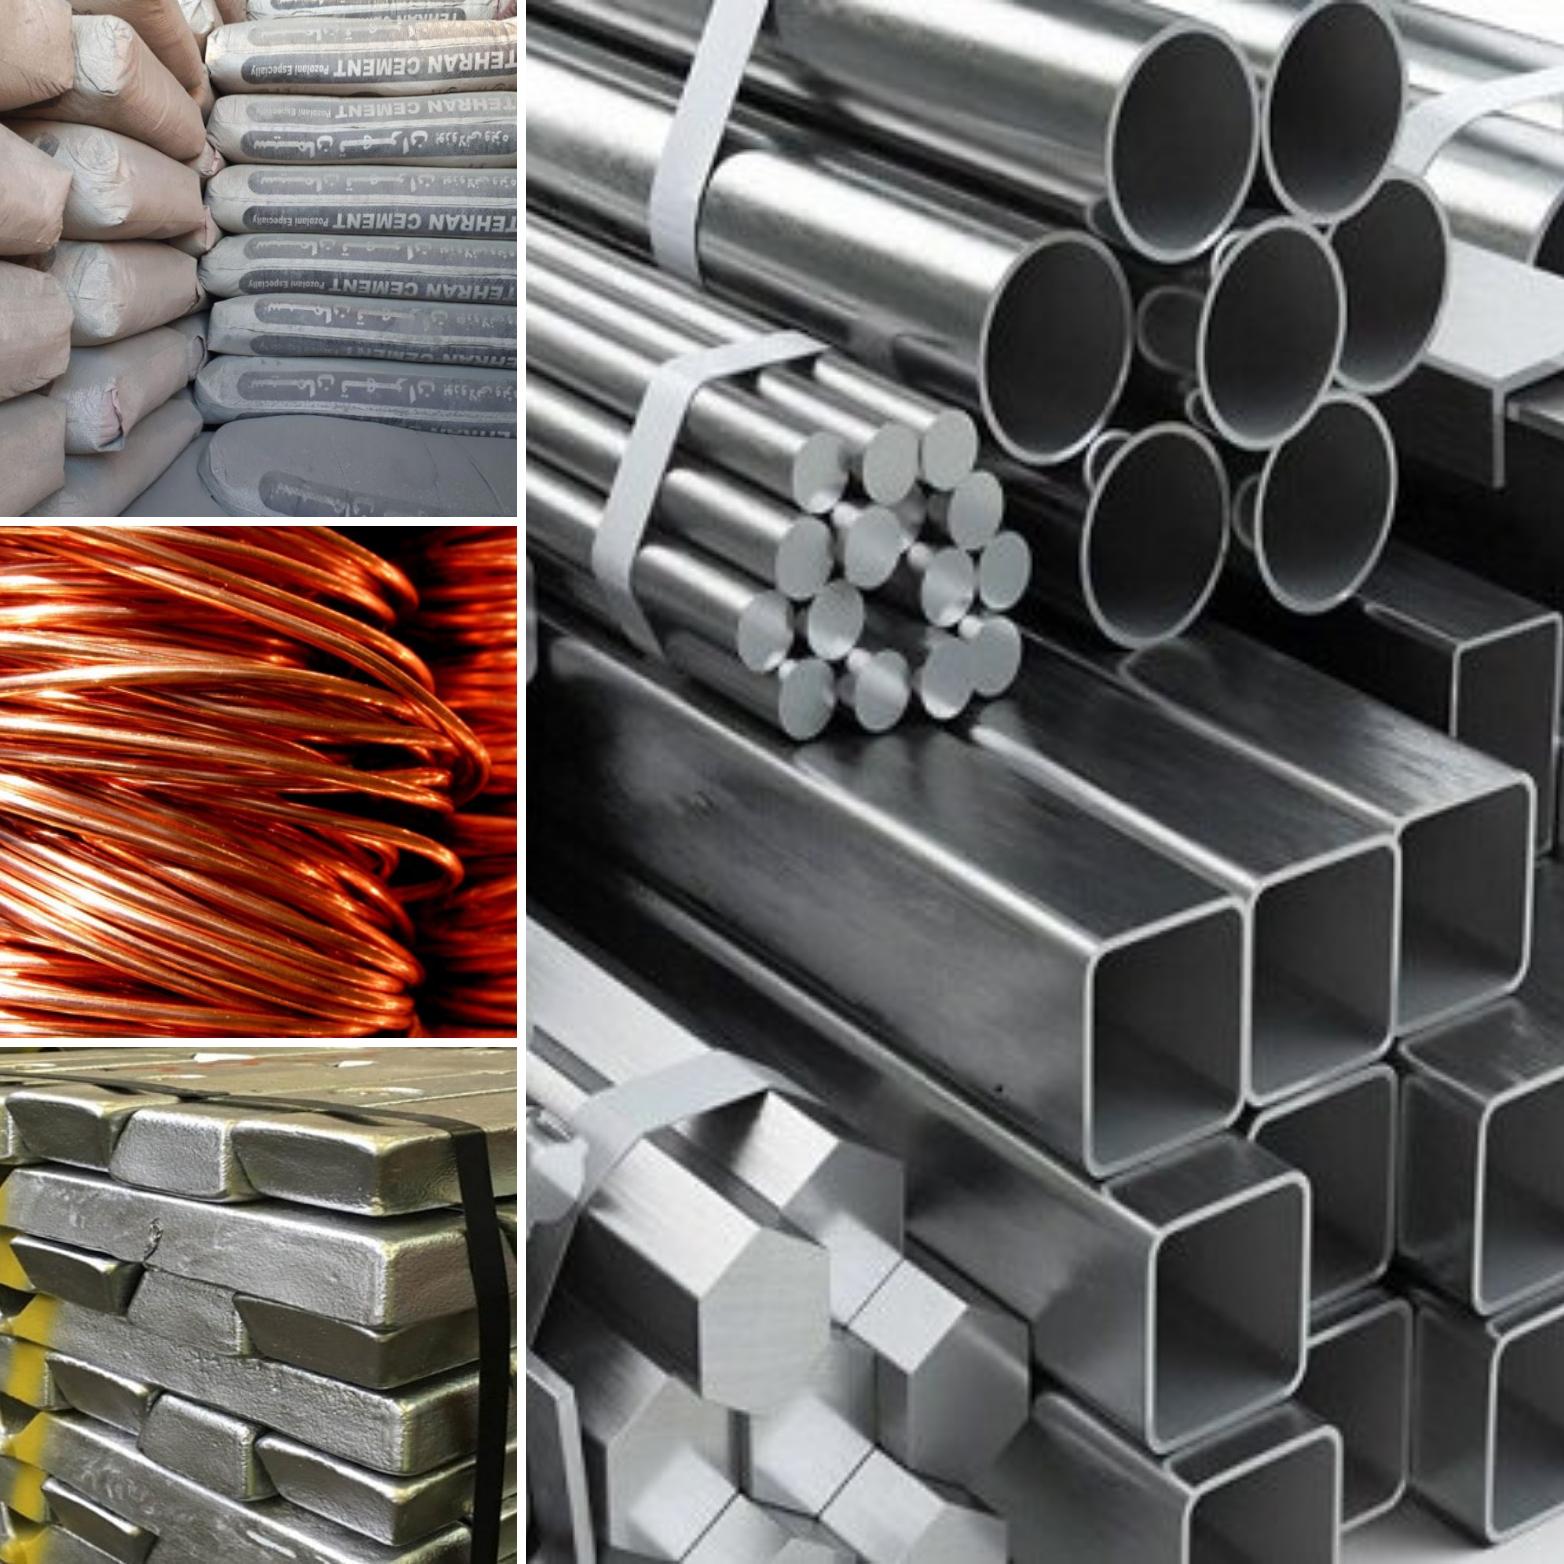 تولید بیش از 21.6 میلیون تن شمش فولادی تا پایان بهمن ماه سال گذشته/ تولید بیش از 226 هزار تن کاتد مس/ 241 هزار تن شمش آلومینیوم تولید شد